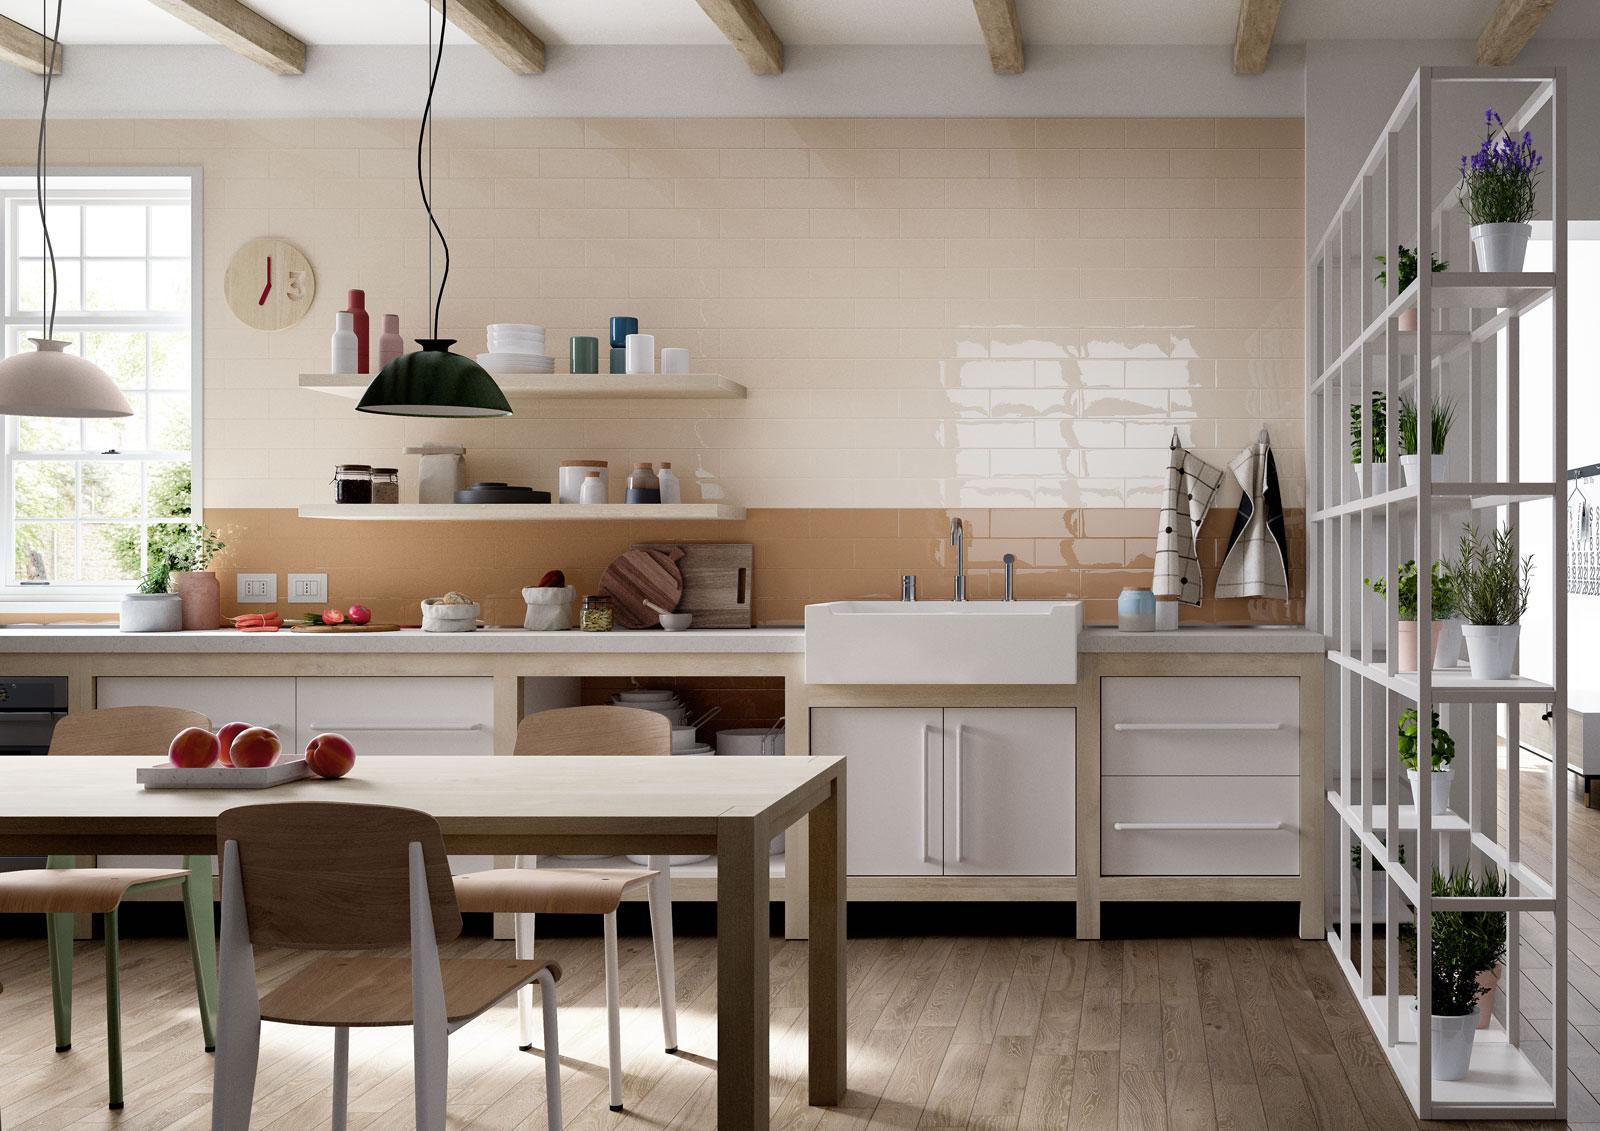 Mellow piastrelle ceramica da rivestimento marazzi - Pomelli ceramica per cucina ...